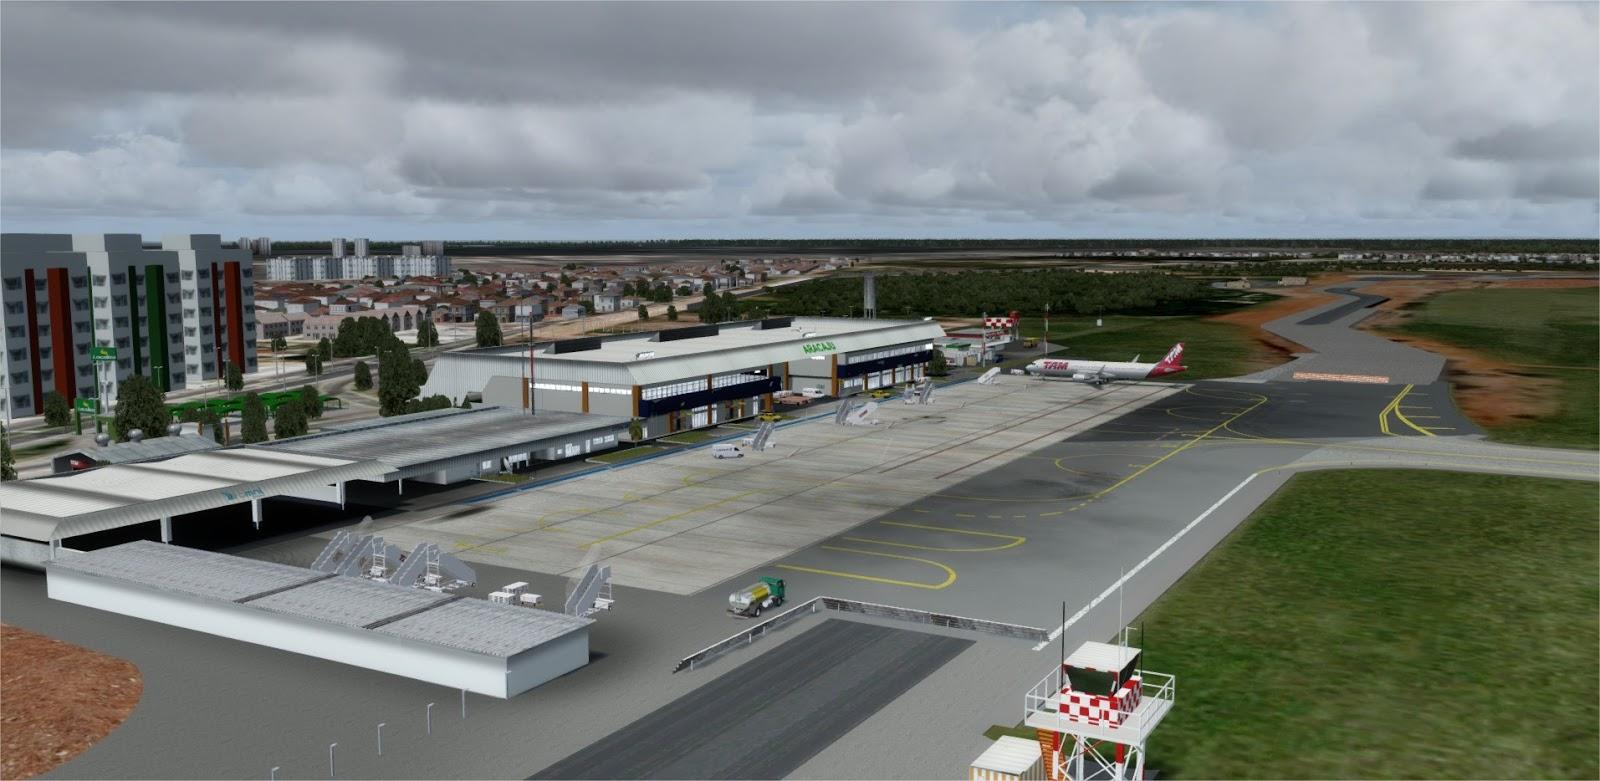 [Loja] SBARX2017 - Aeroporto de Aracaju FSX, Prepar3D vs 3, 4